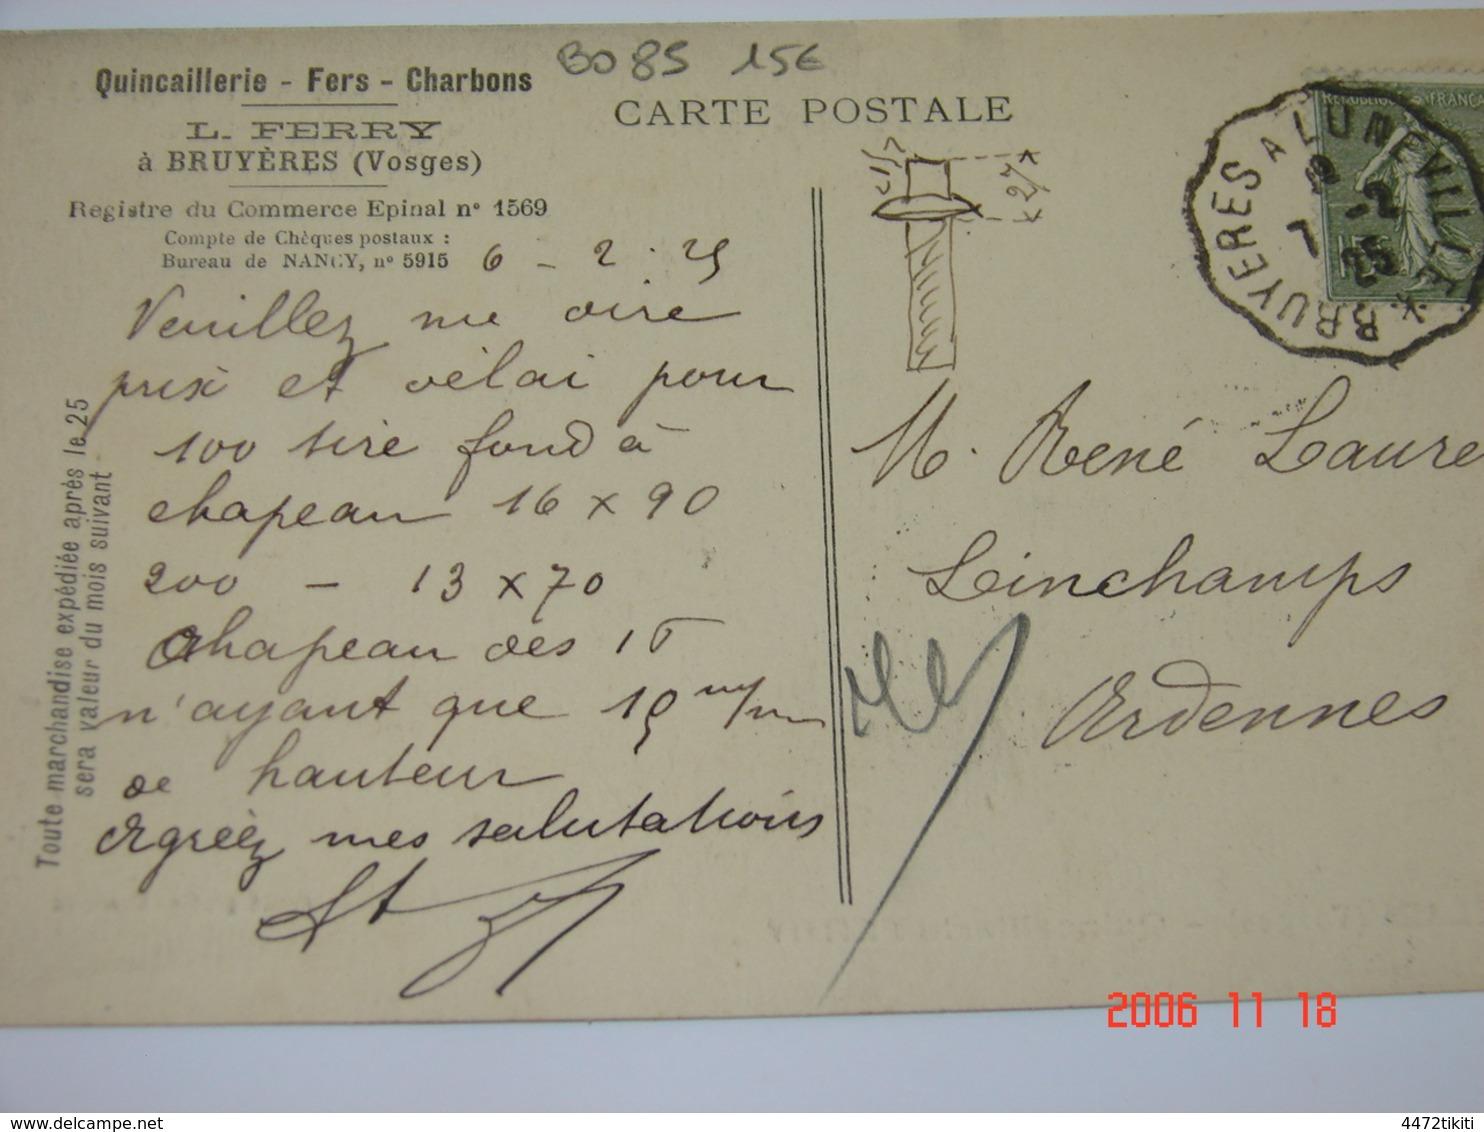 C.P.A.- Bruyères (88) - Quincaillerie Fers & Charbons - Maison L.Ferry - 1925 - SUP (BO 85) - Bruyeres